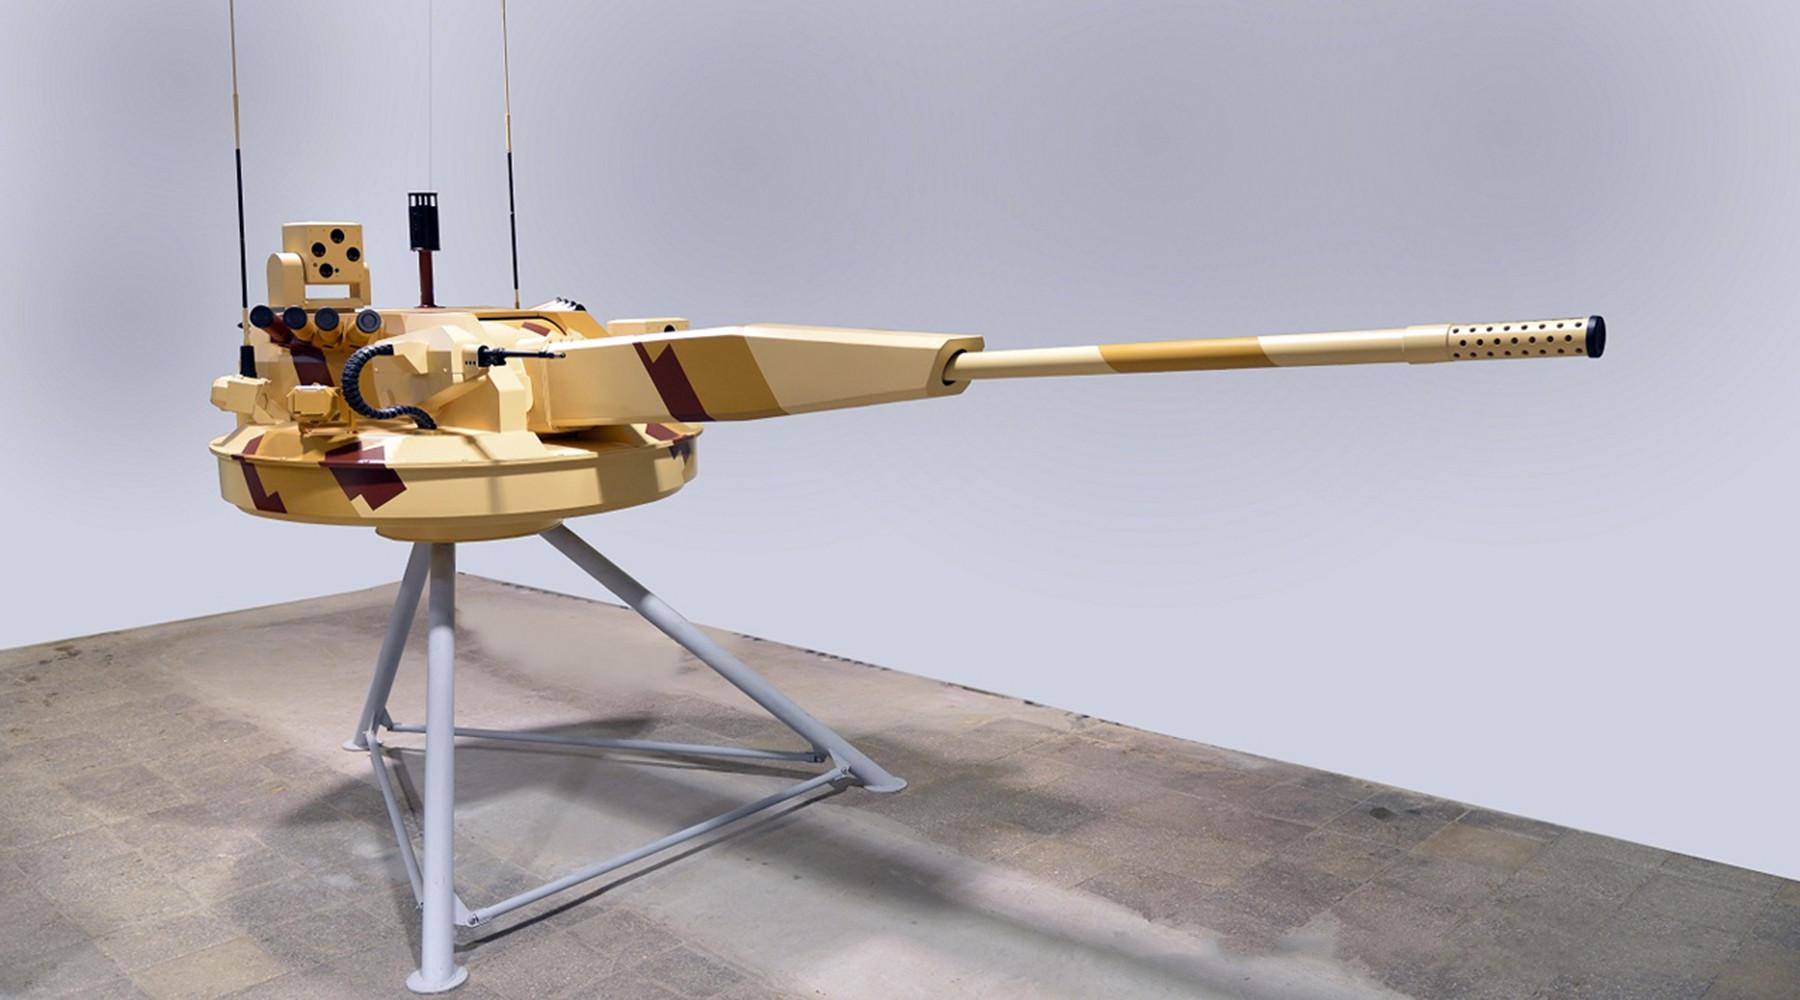 Автоматическая пушка